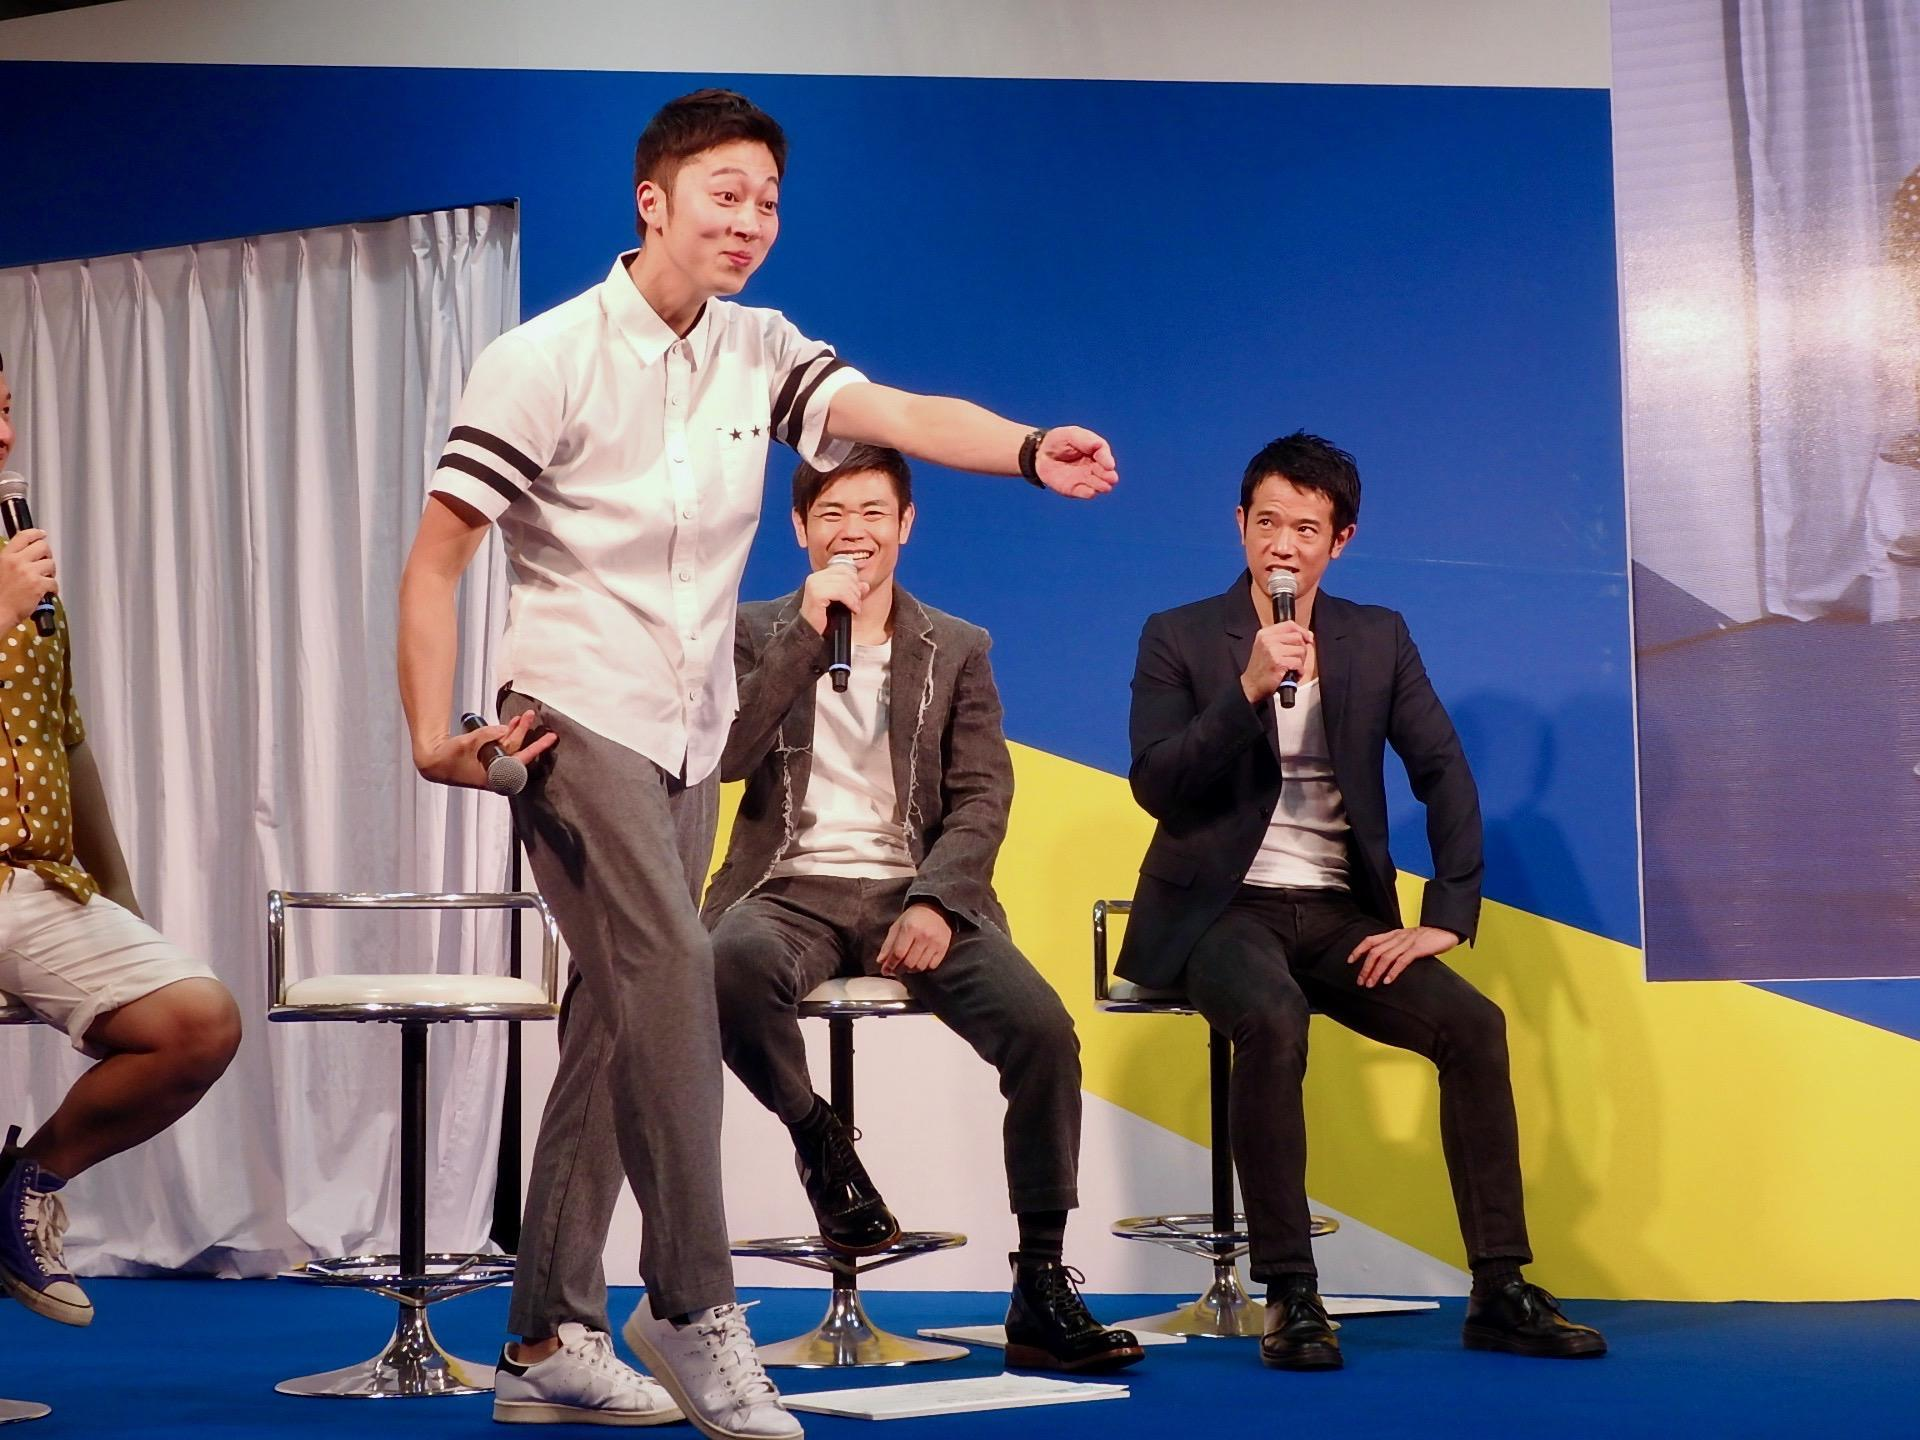 http://news.yoshimoto.co.jp/20180608120356-26ba88e9e75c5976633727910995721217c0d72c.jpg